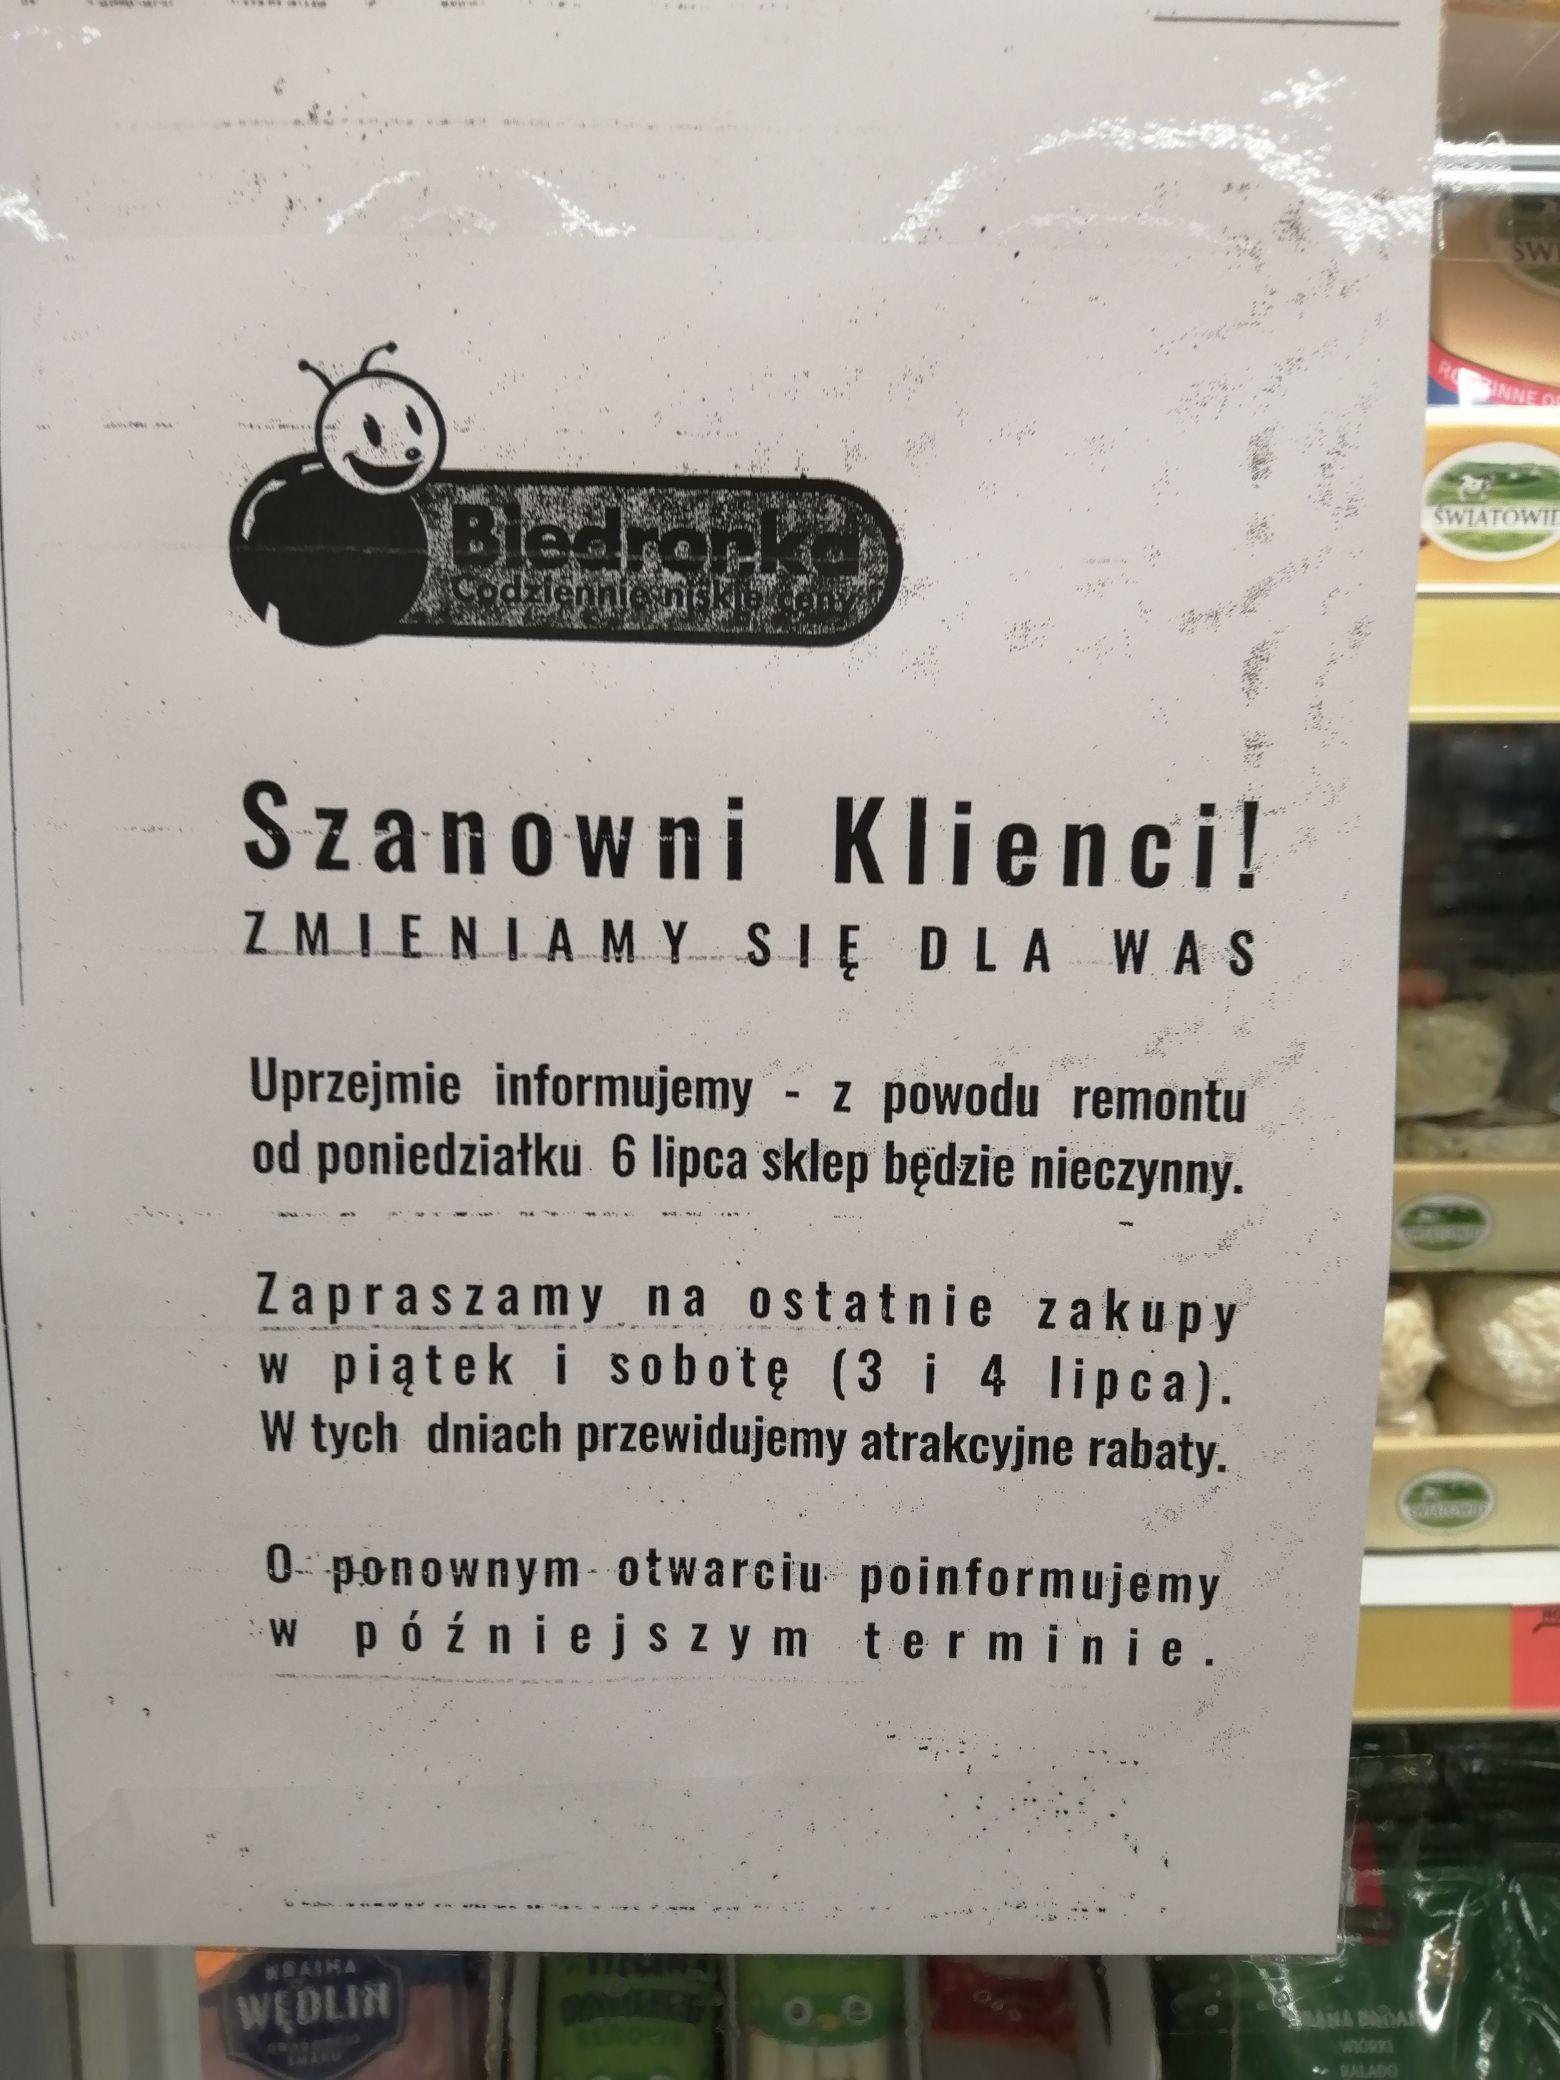 Biedronka, Wyprzedaż -50% Wrocław, Afgańska